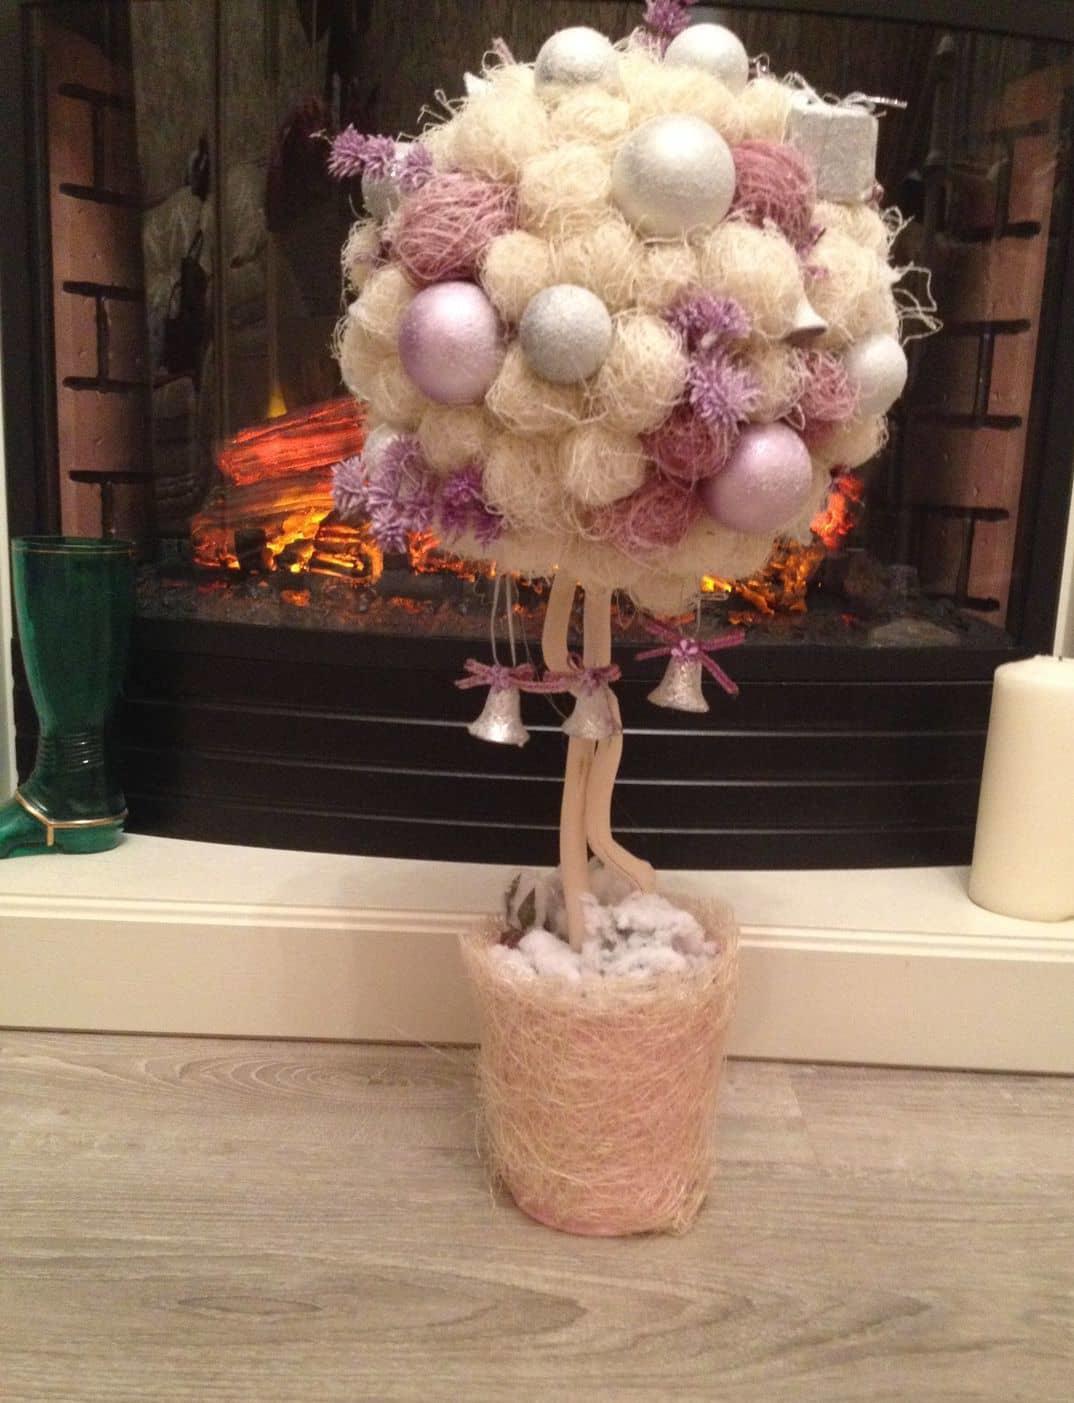 Зимний топиарий станет отличным украшением для вашей комнаты. Его красота и оригинальность всегда порадует вас